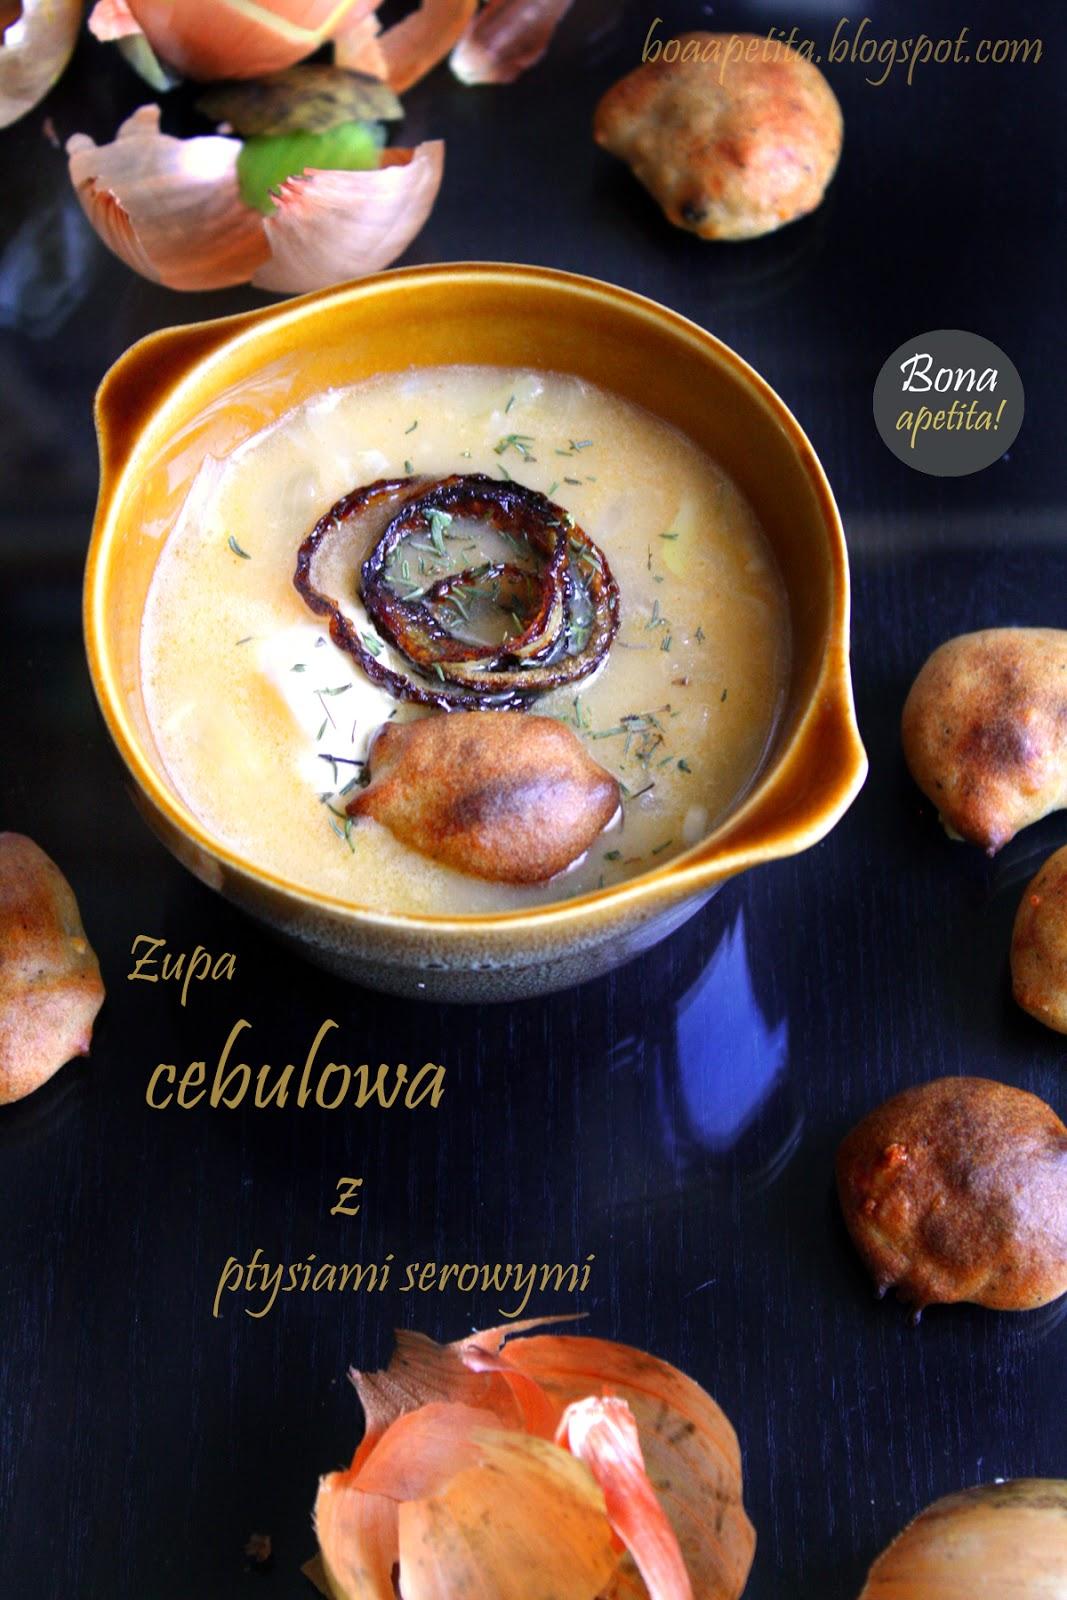 Zupa cebulowa z ptysiami serowymi